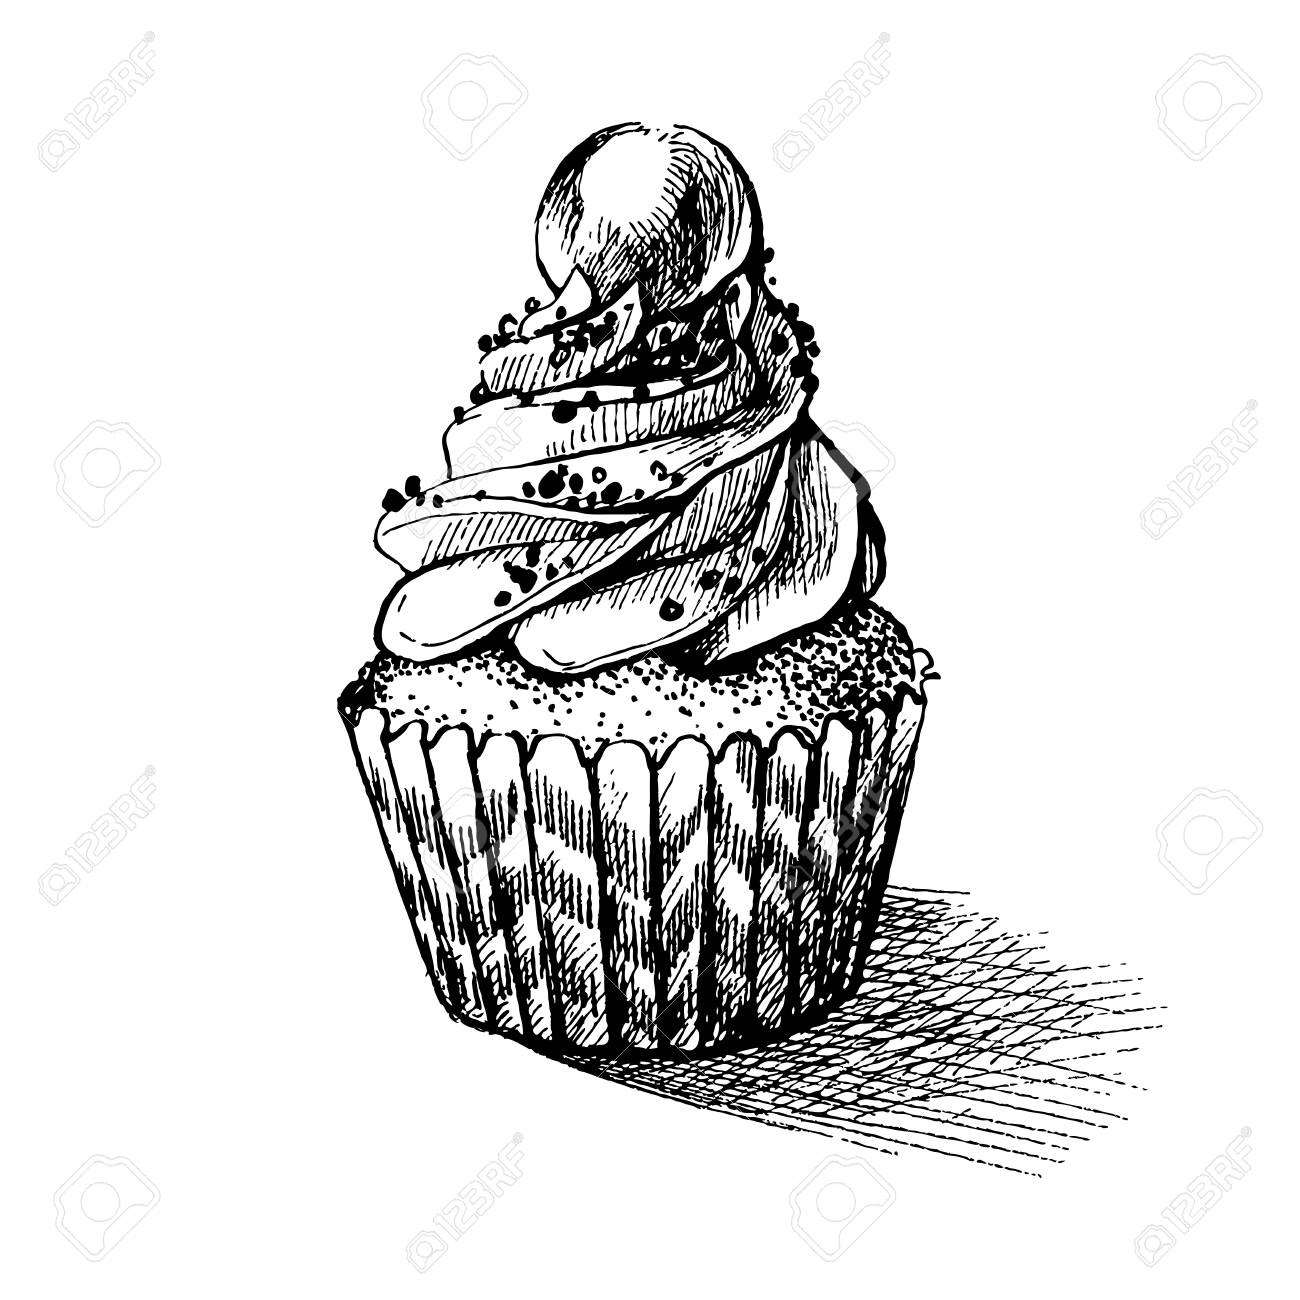 Vector Illustration Croquis Noir Et Blanc De Cupcake Sucré Cremy Mignon Peut être Utilisé Pour Des Cartes De Vux Ou Des Invitations à Des Fêtes